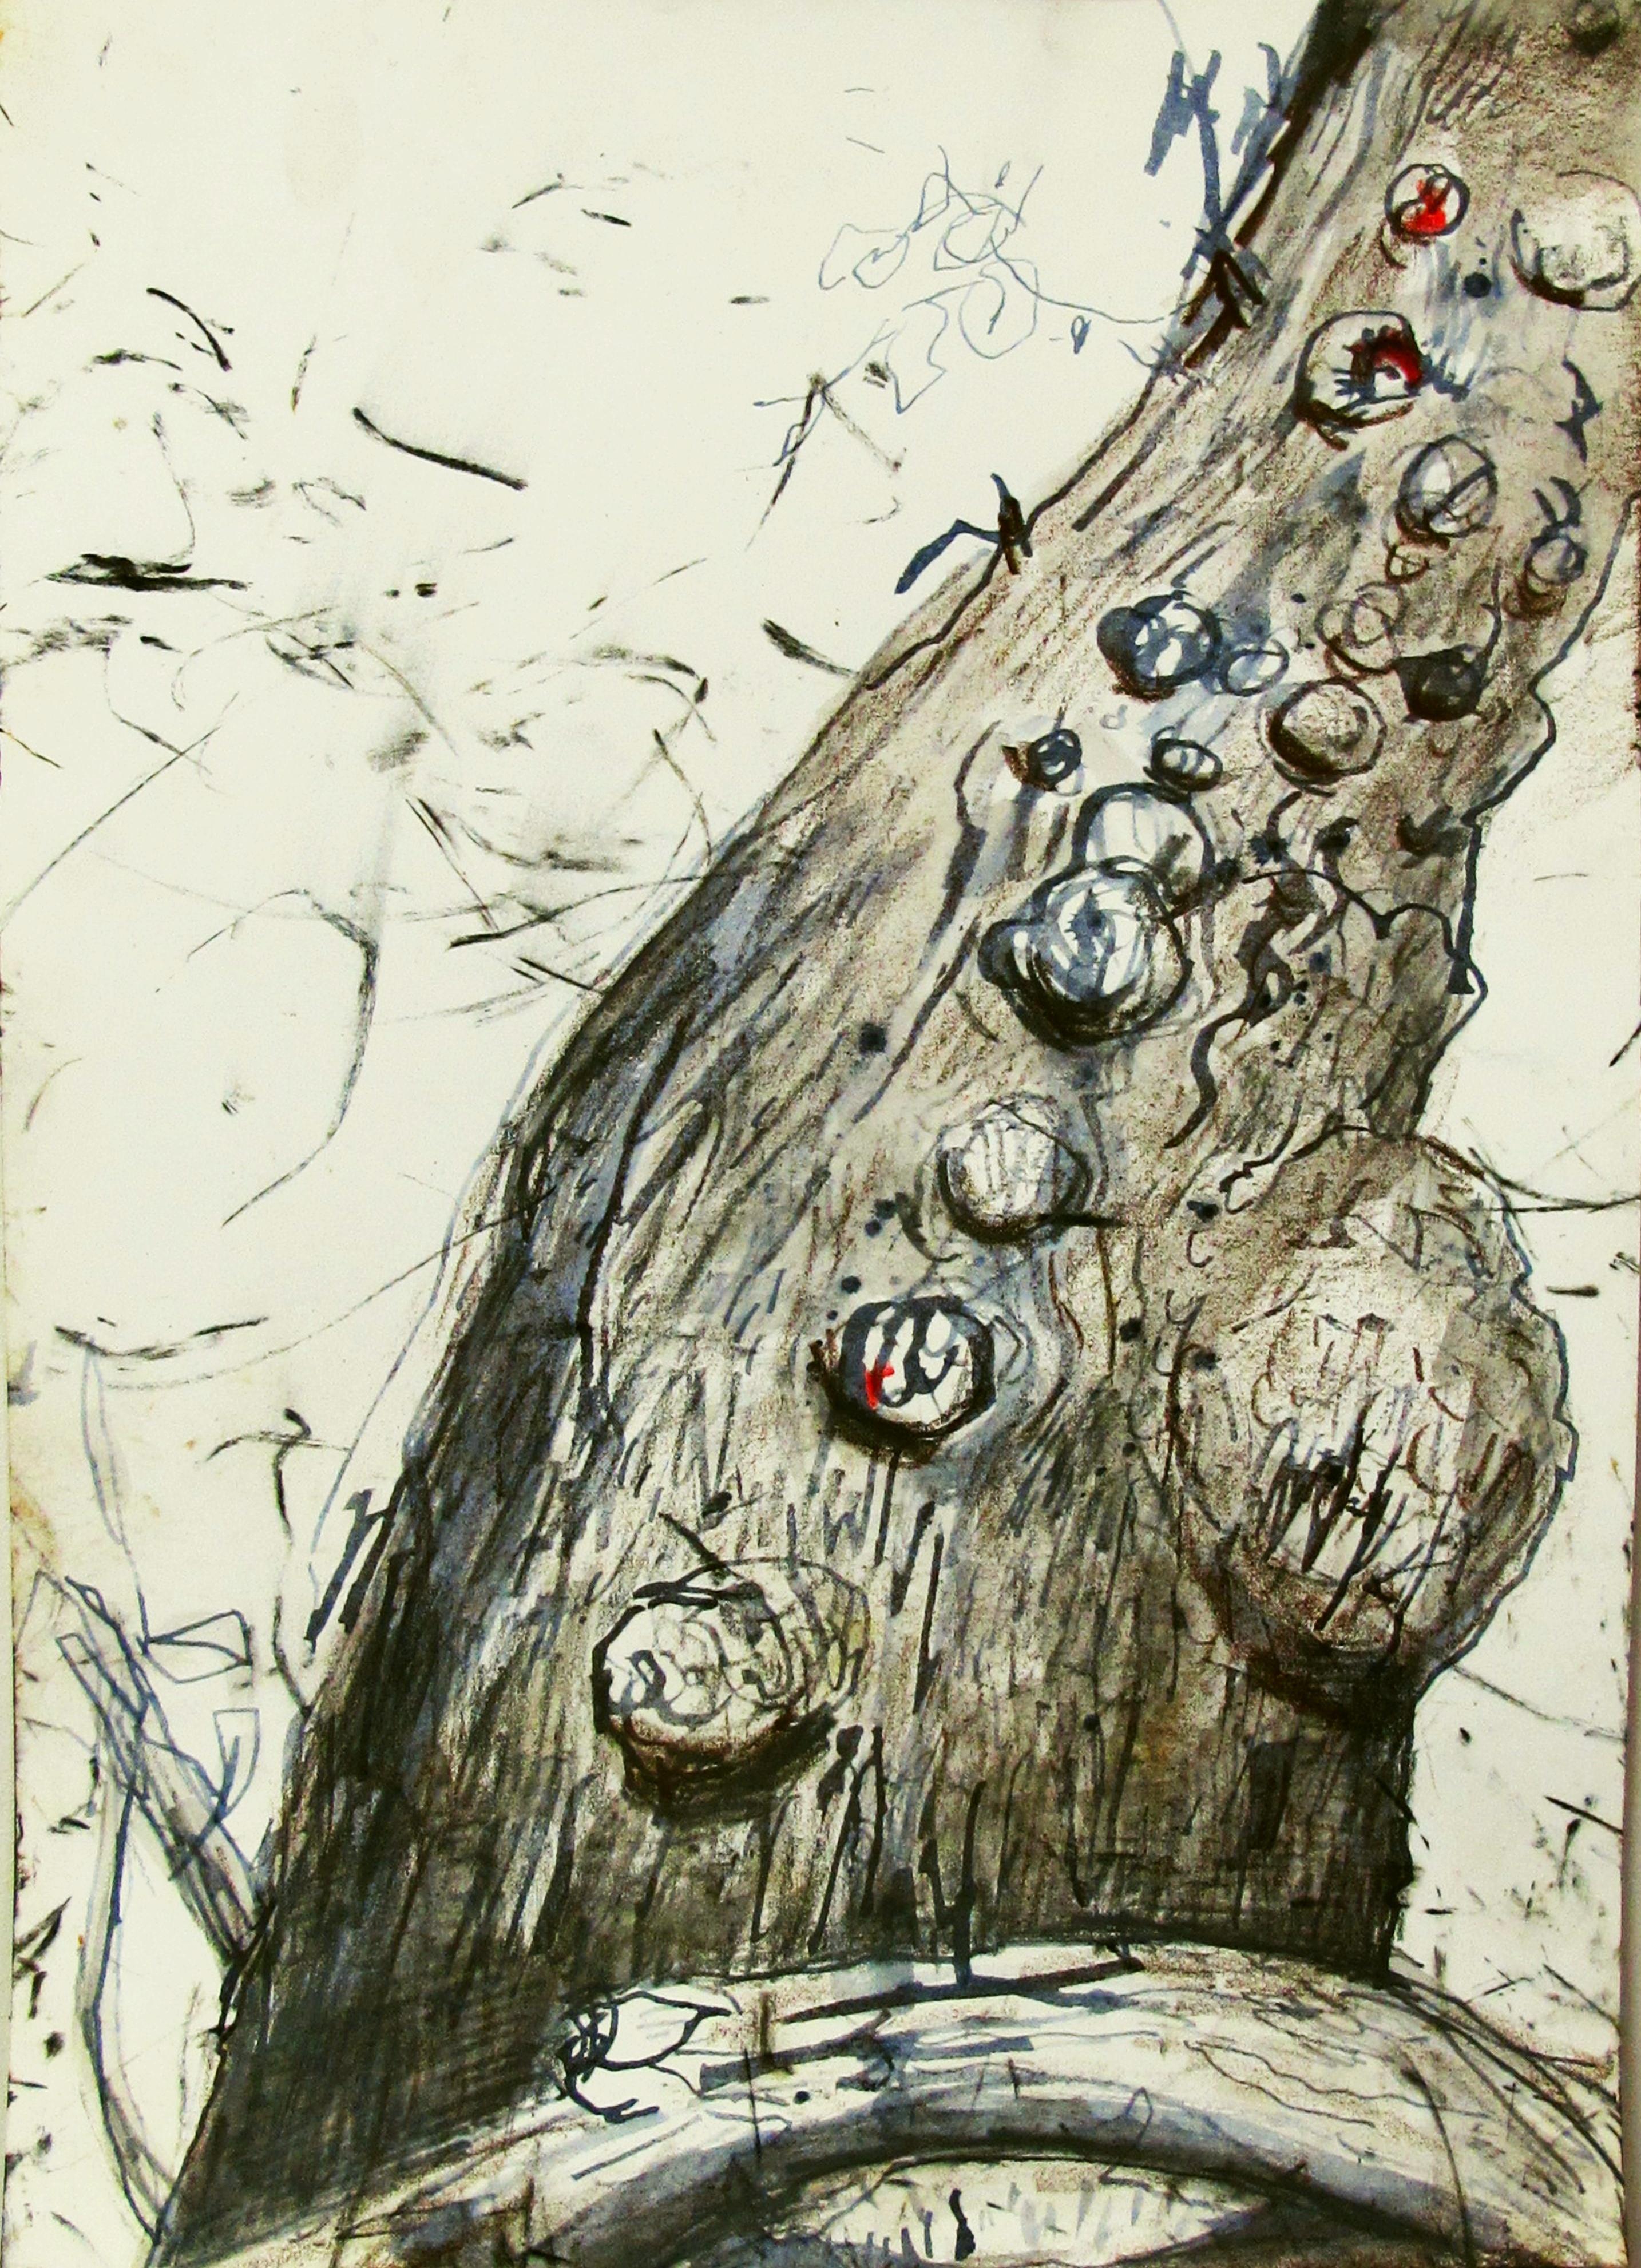 river gum trunk